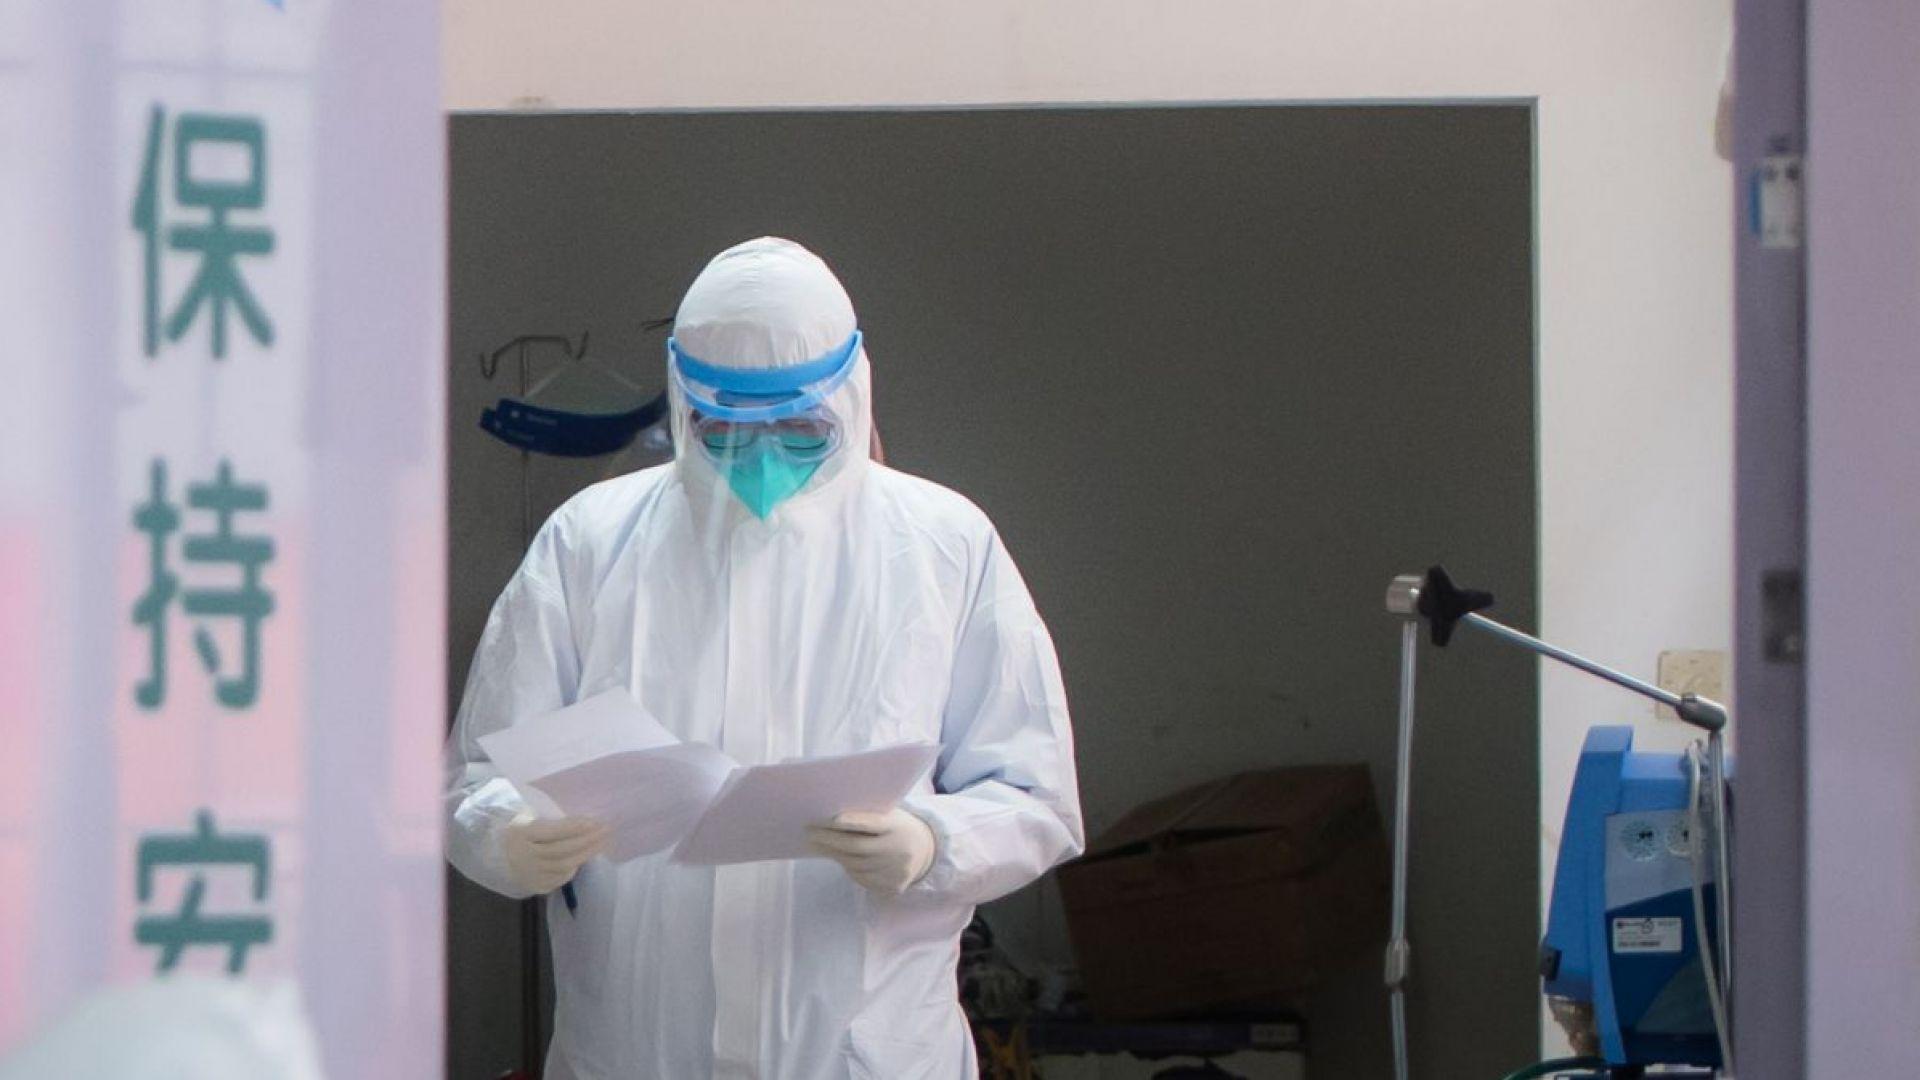 Връщат трима българи от Ухан с два самолета, лекари от ВМА ще пътуват с тях